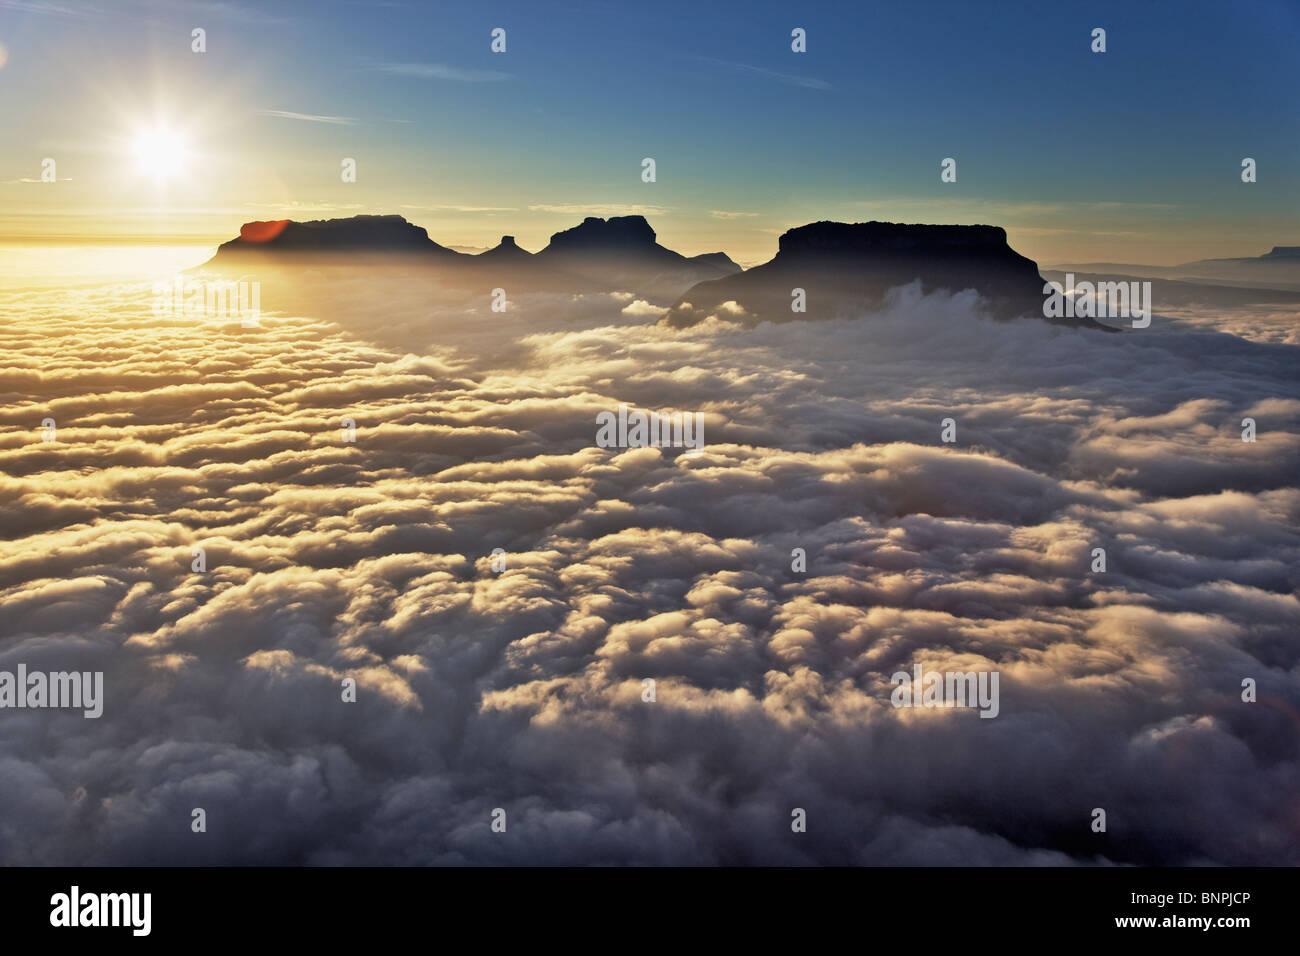 Vue aérienne de nuages tourbillonnant autour du sommet de la montagne de grès ou tepui Venezuela Photo Stock